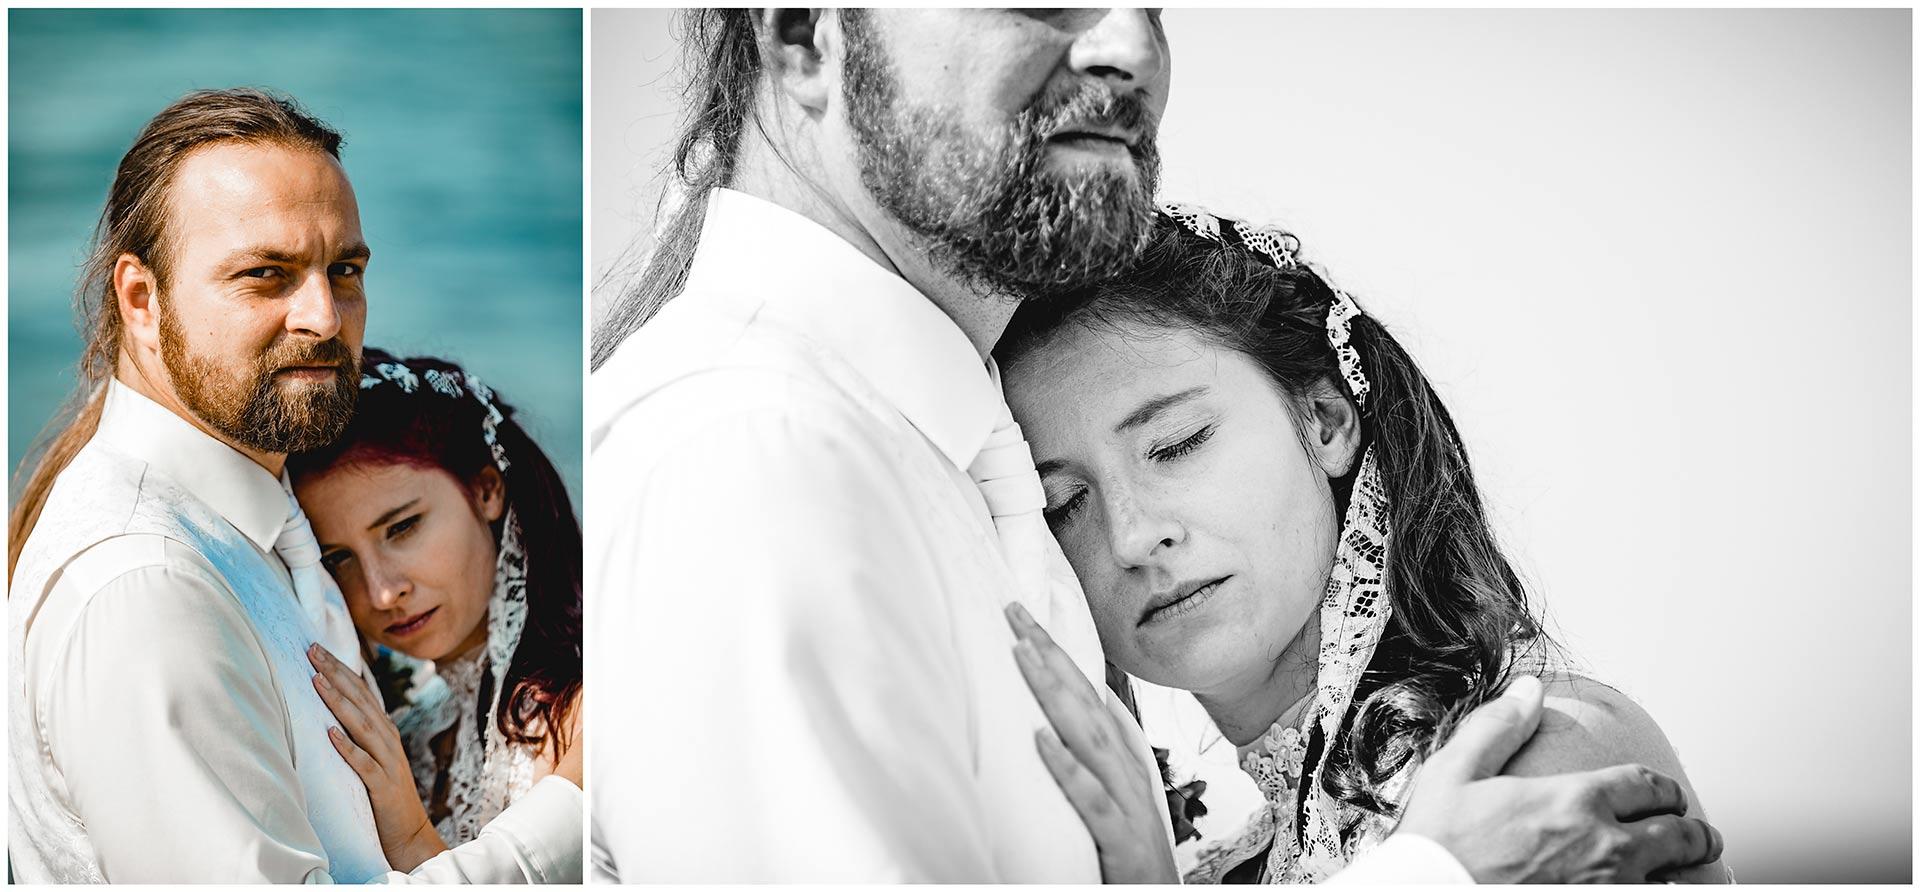 Portraitaufnahme_Braut-lehnt-mit-Kopf-an-der-Schulter-ihres-Mannes-Hochzeitsshooting-Hochzeit-am-Strand-Hochzeitsfotograf-Warnemuende-Hochzeitsfotograf-Rostock-Hochzeitsfotograf-Ostseebad-Warnemuende